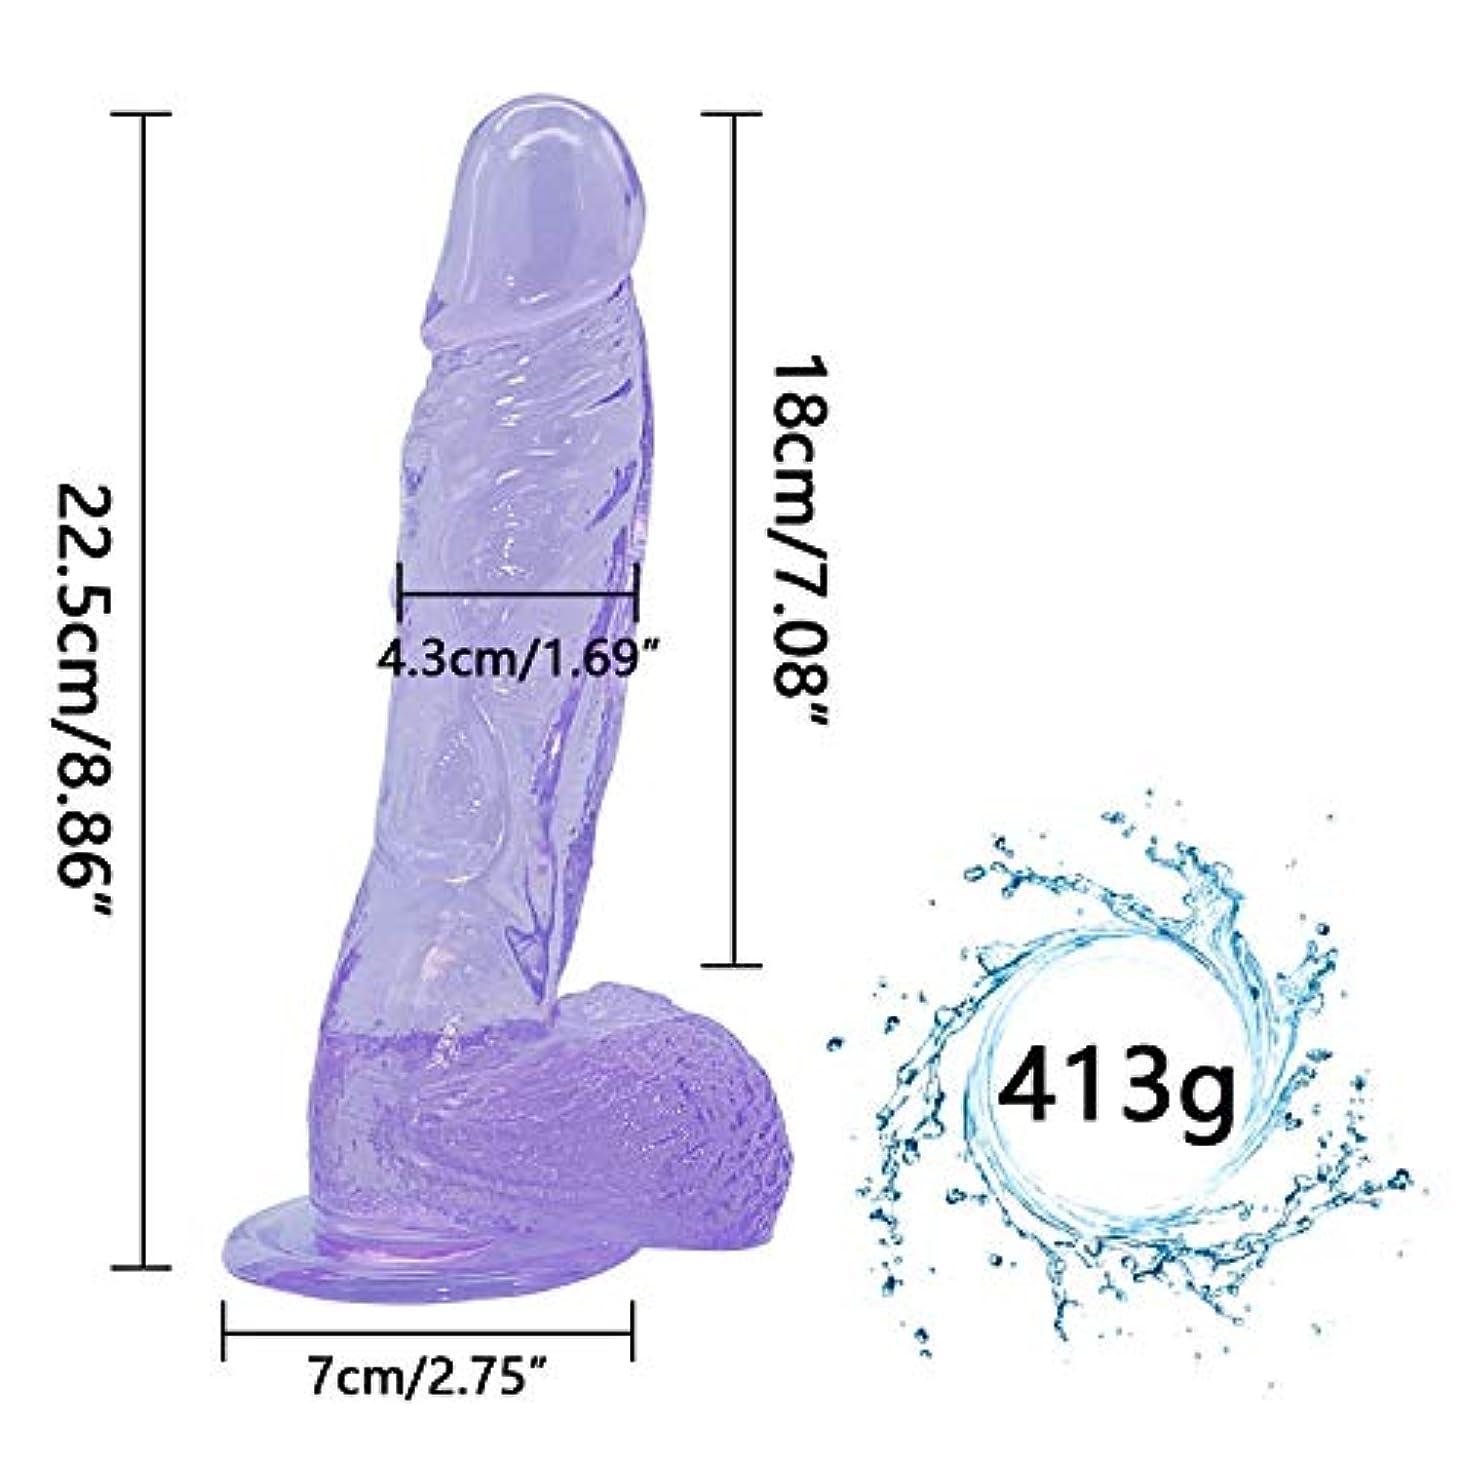 強化するテレックス何かChenXiDian 巨大な洞8.86インチのリアルなマッサージャー強力なサクションカップボディマッサージを備えた巨大なマッサージャー-機密配送-慎重な配送-出会いは秘密です 本当の感触